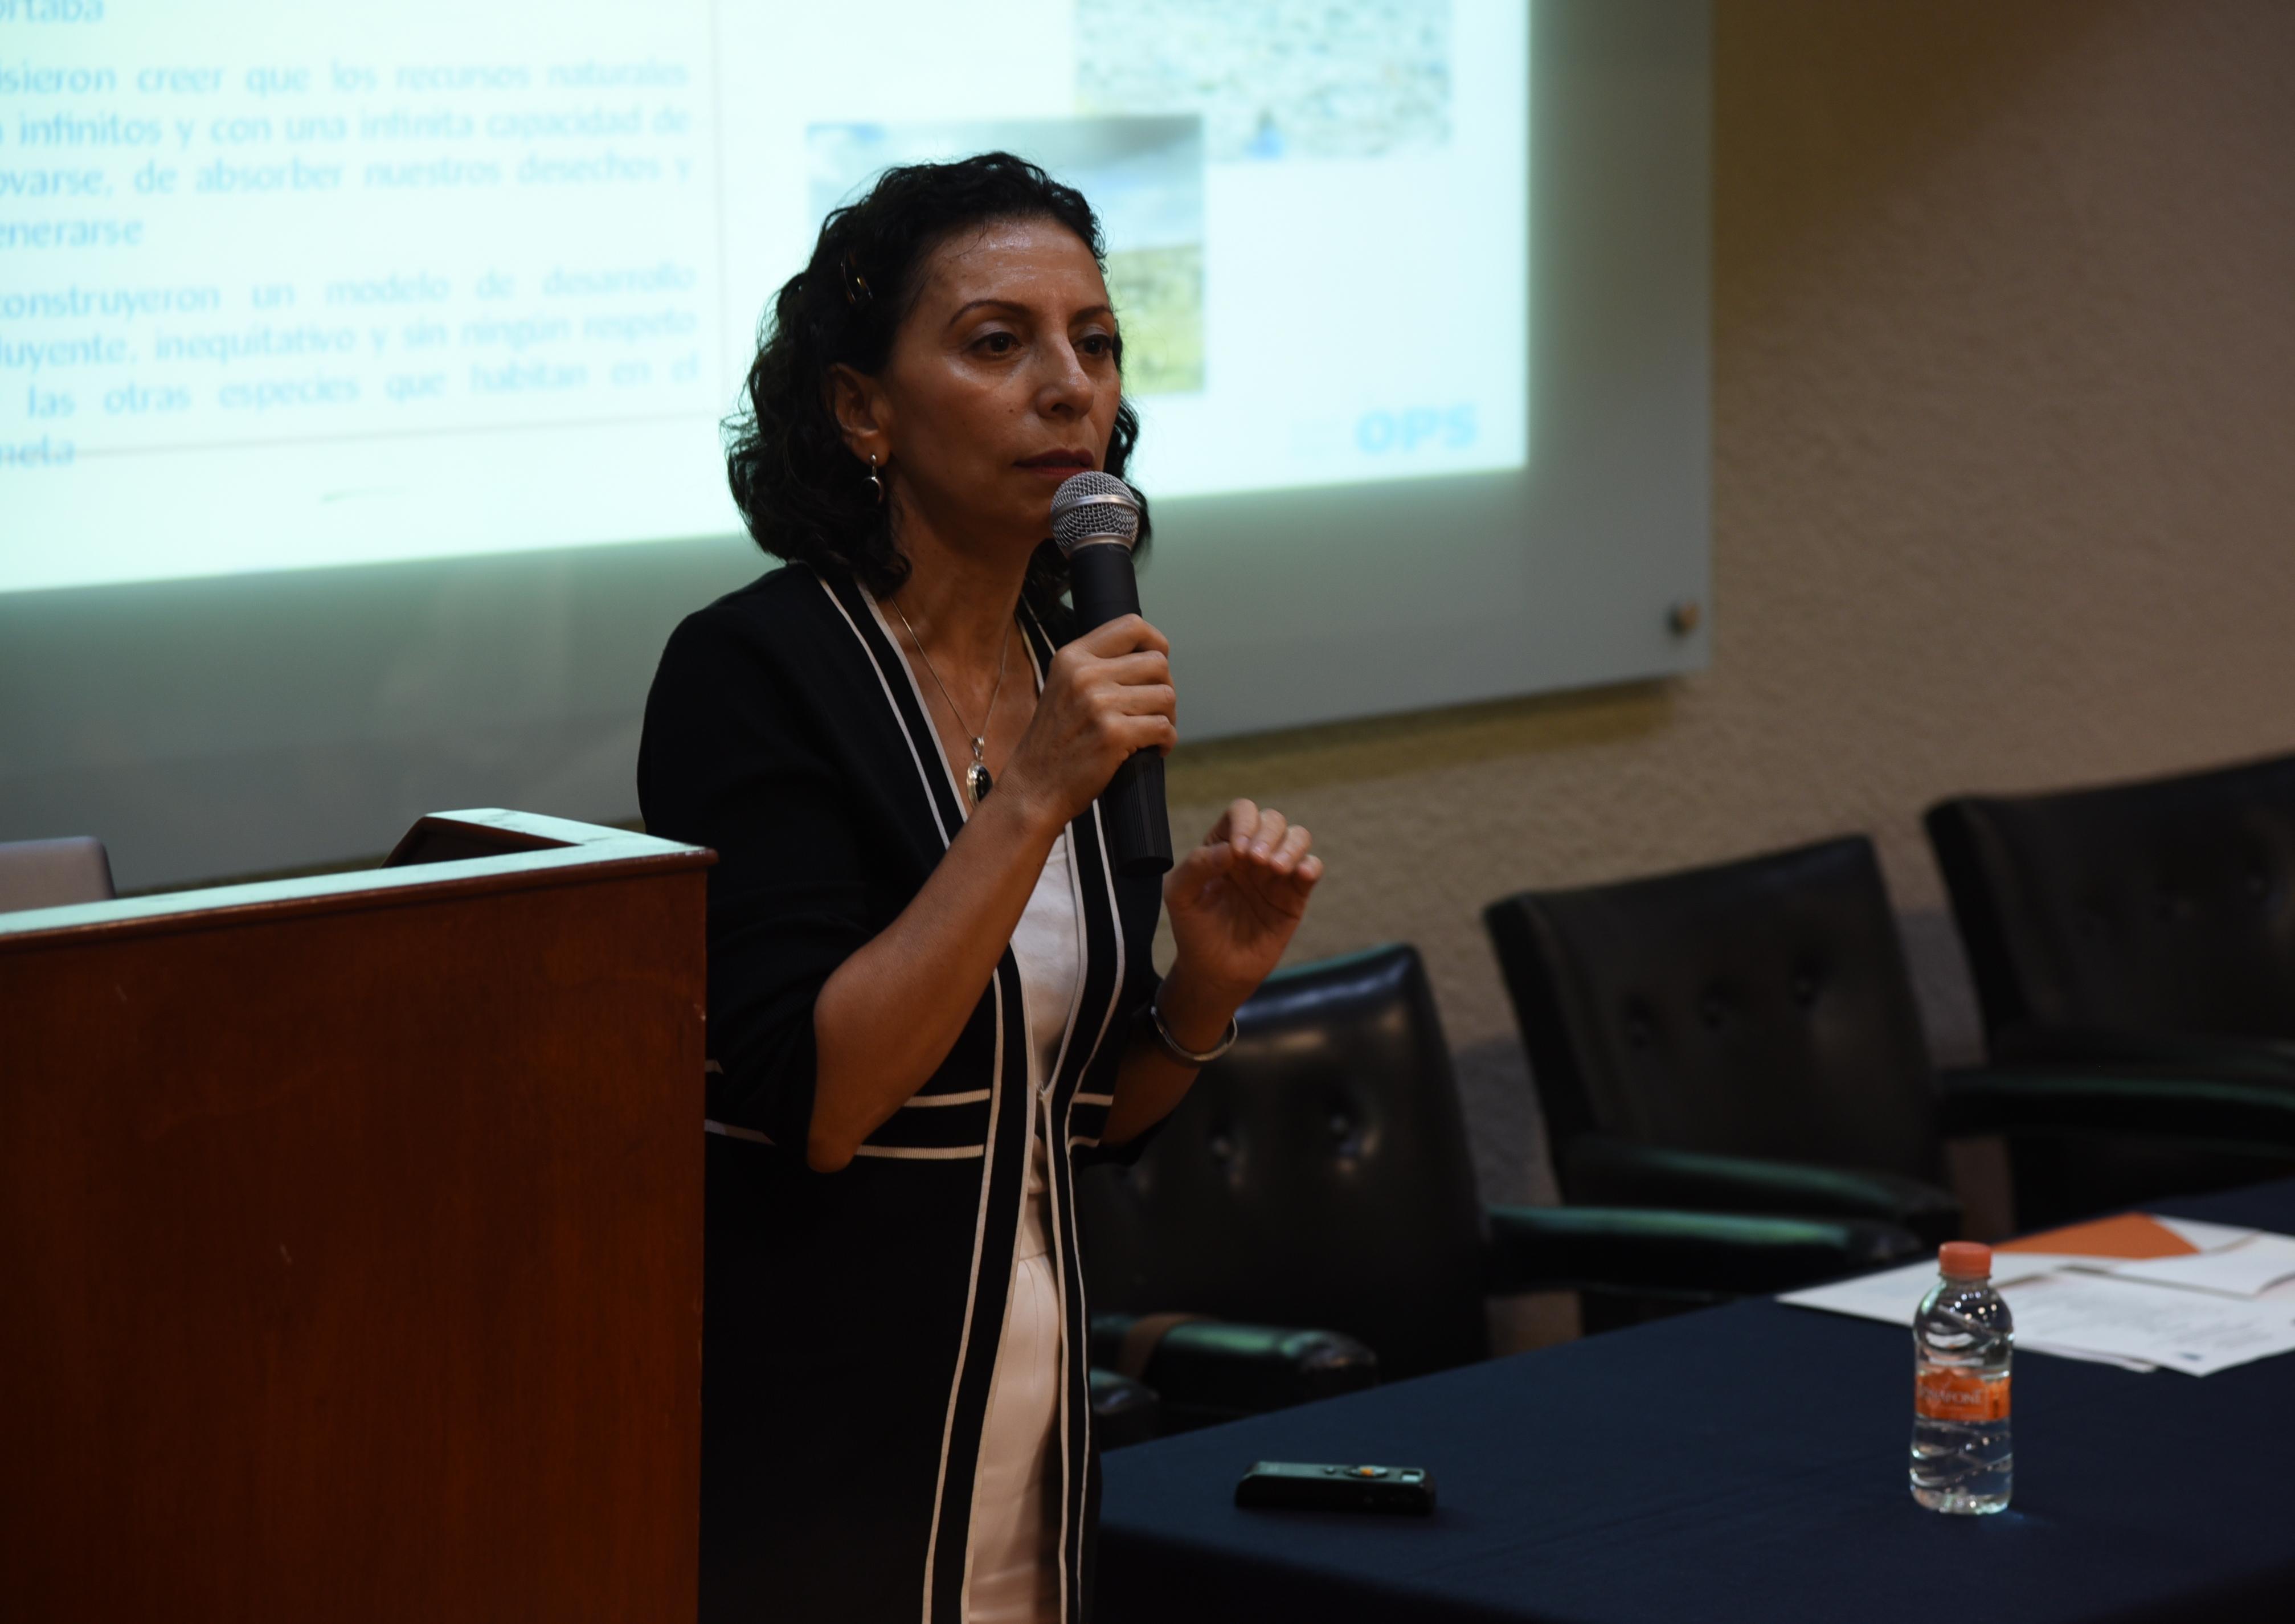 Asesora de la OMS impartiendo conferencia en Salud Pública 1